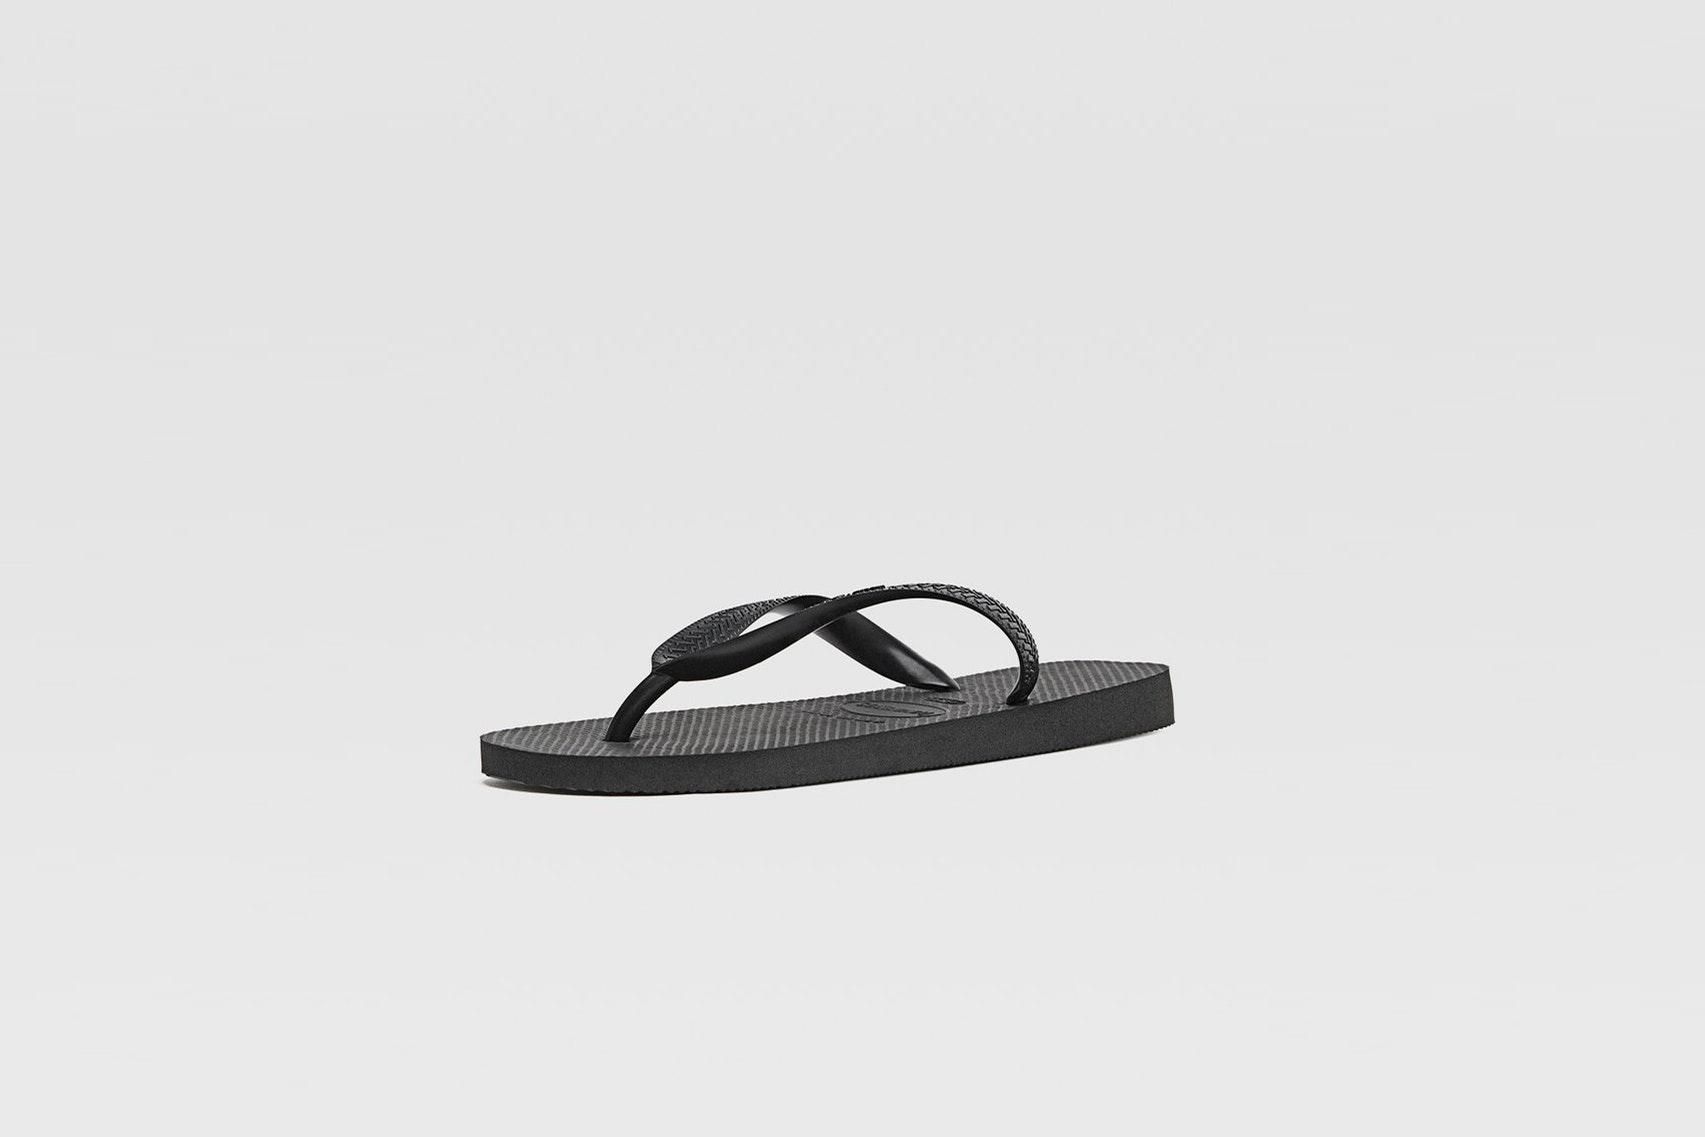 chanclas stradivarius negras sandalias